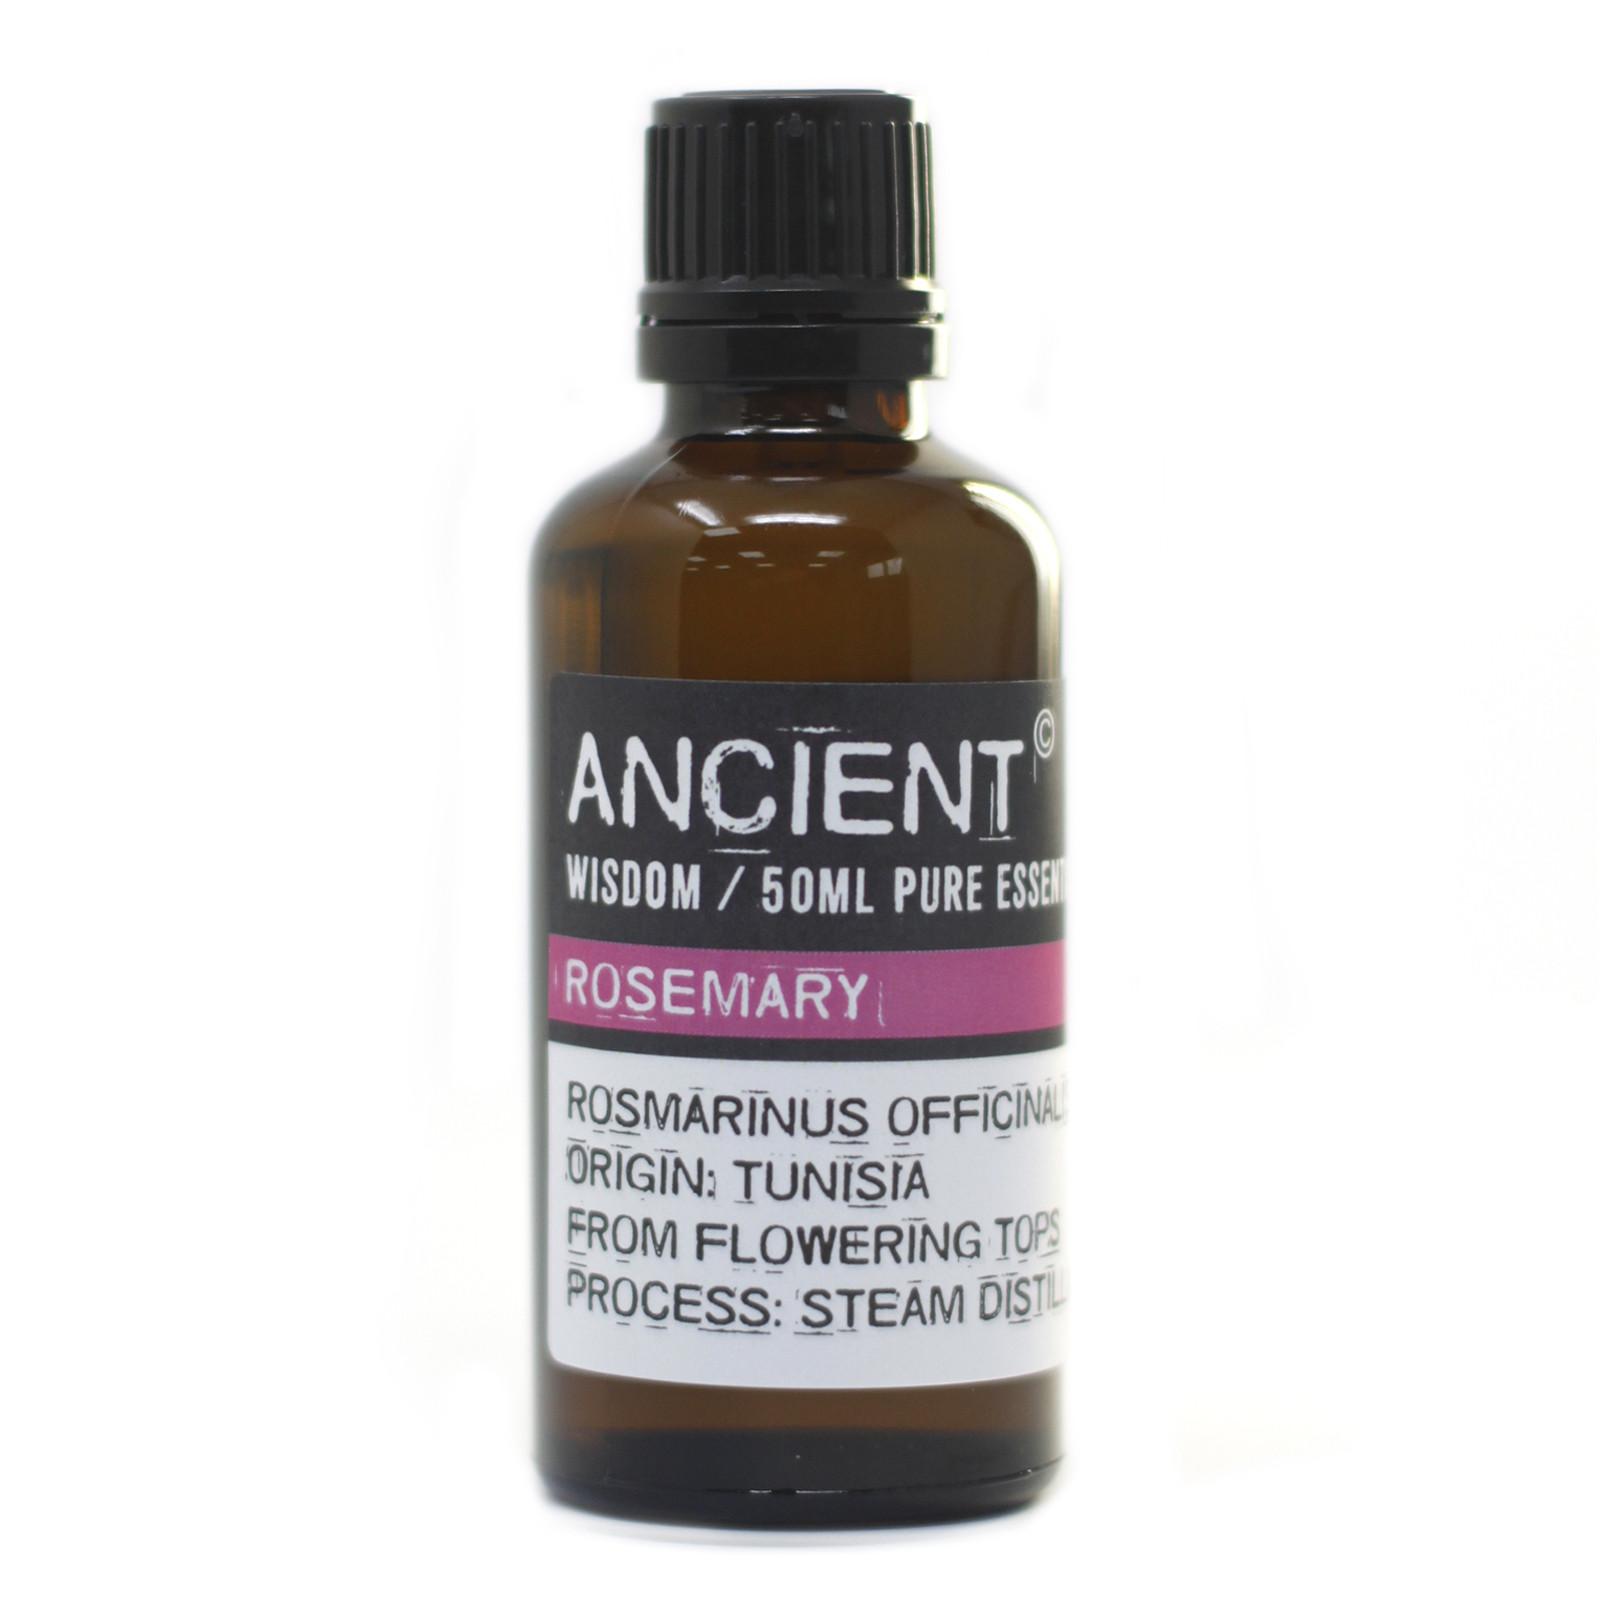 Rosemary 50ml